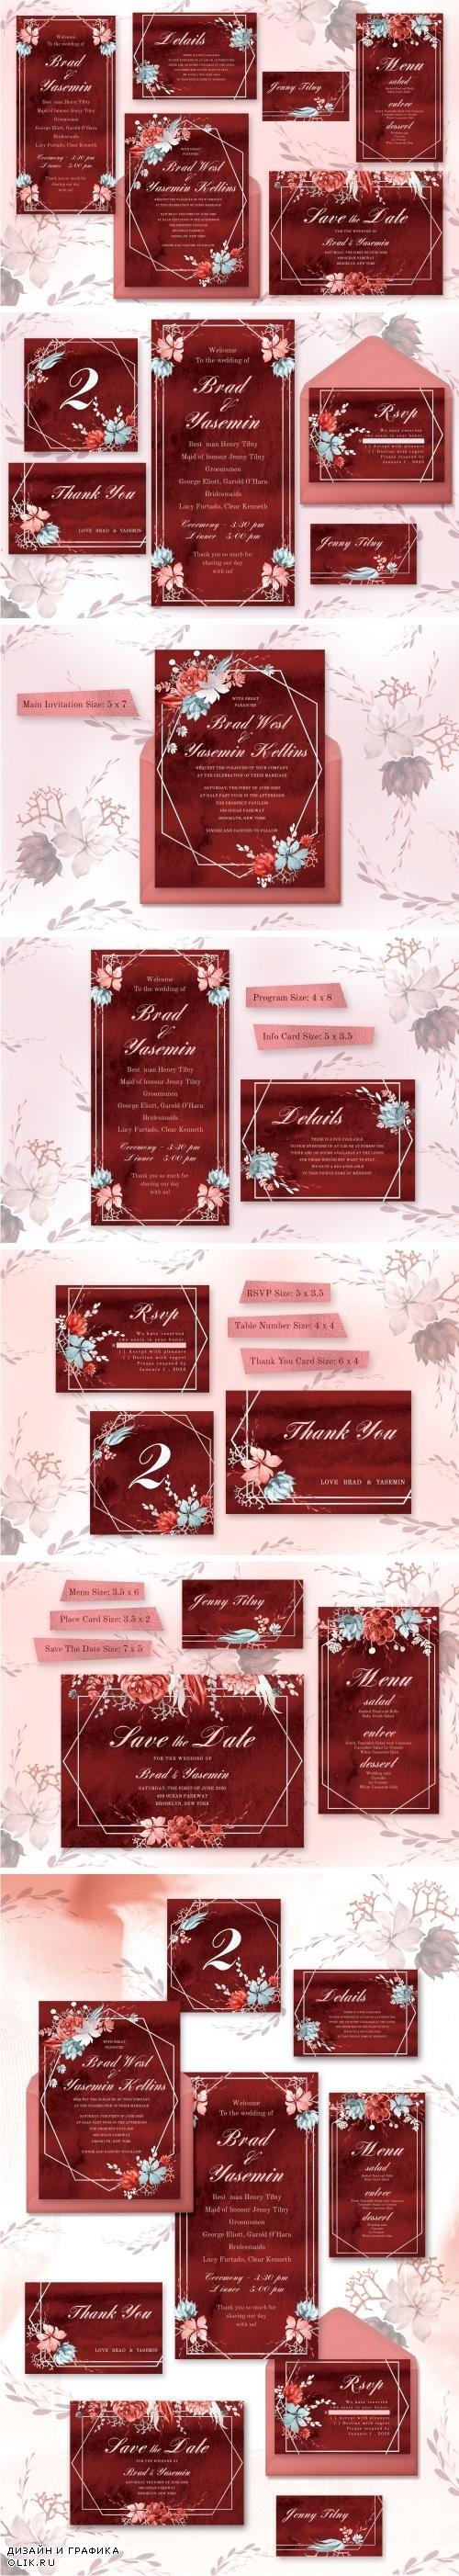 Marsala Watercolor Wedding Suite - 3718637